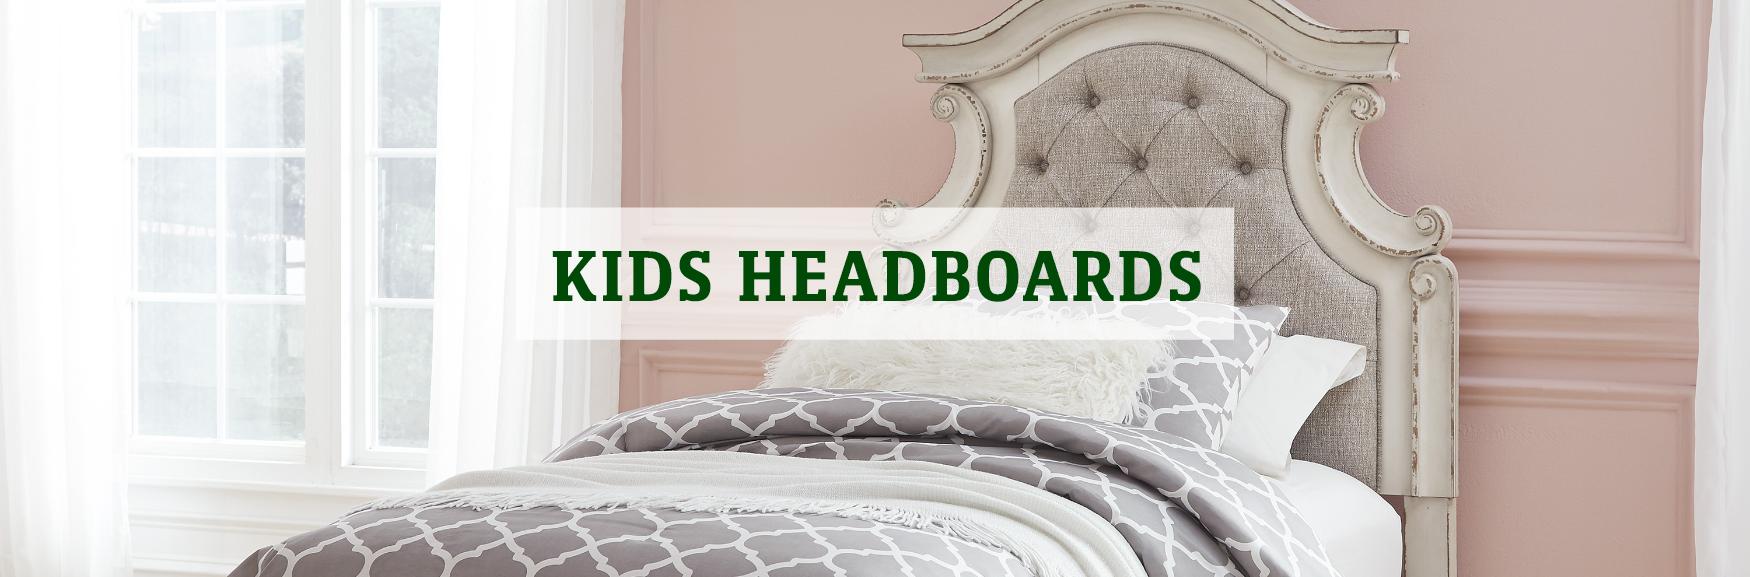 Kids Headboards